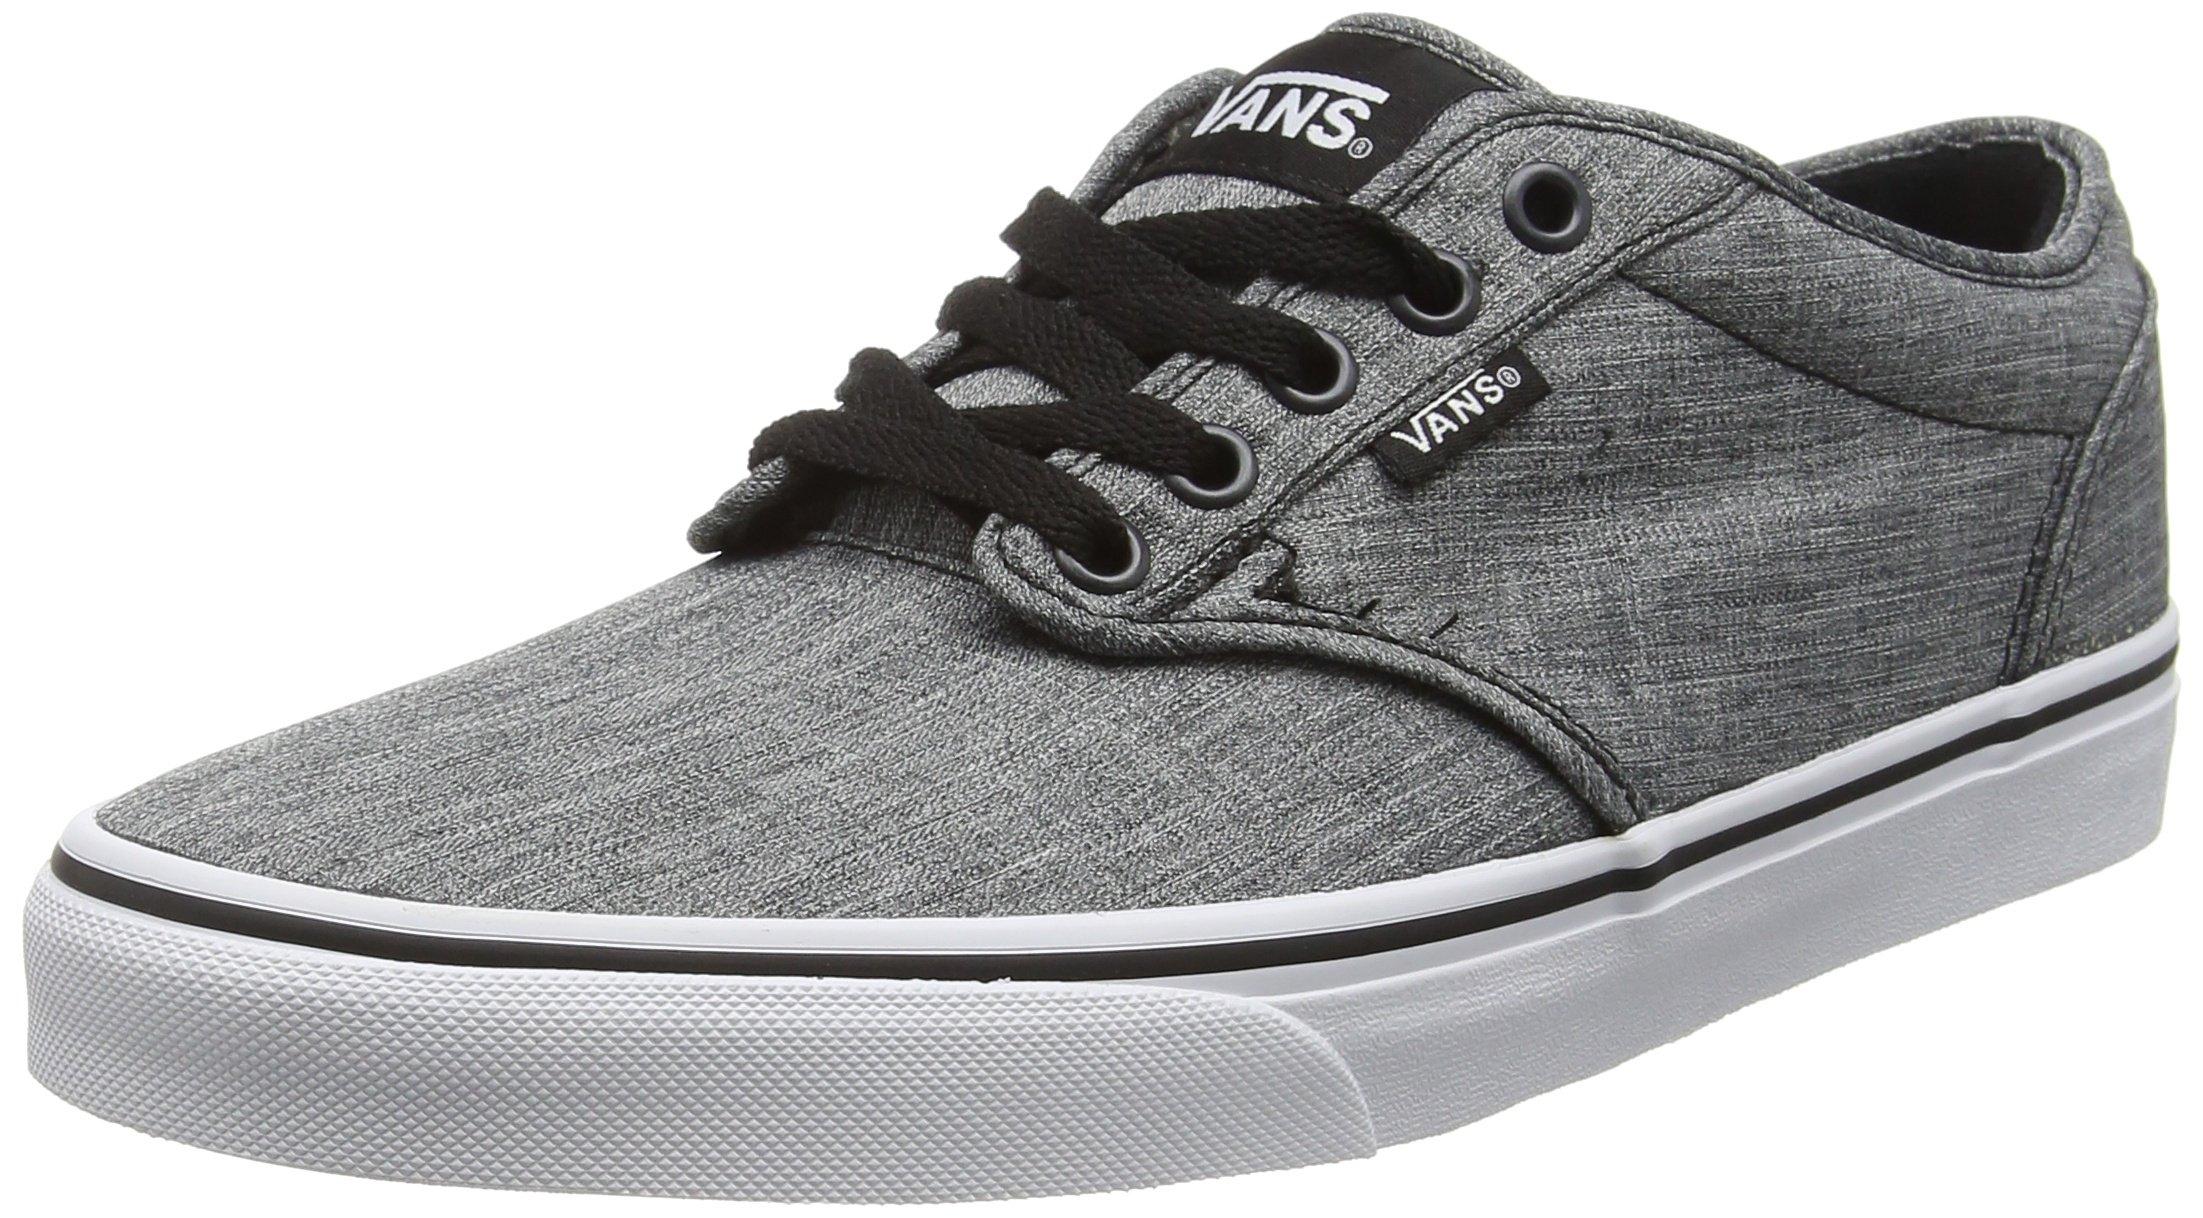 b7c67a3c61 Galleon - Vans Mens M Atwood Rock Shoes Textile Black White Size 10